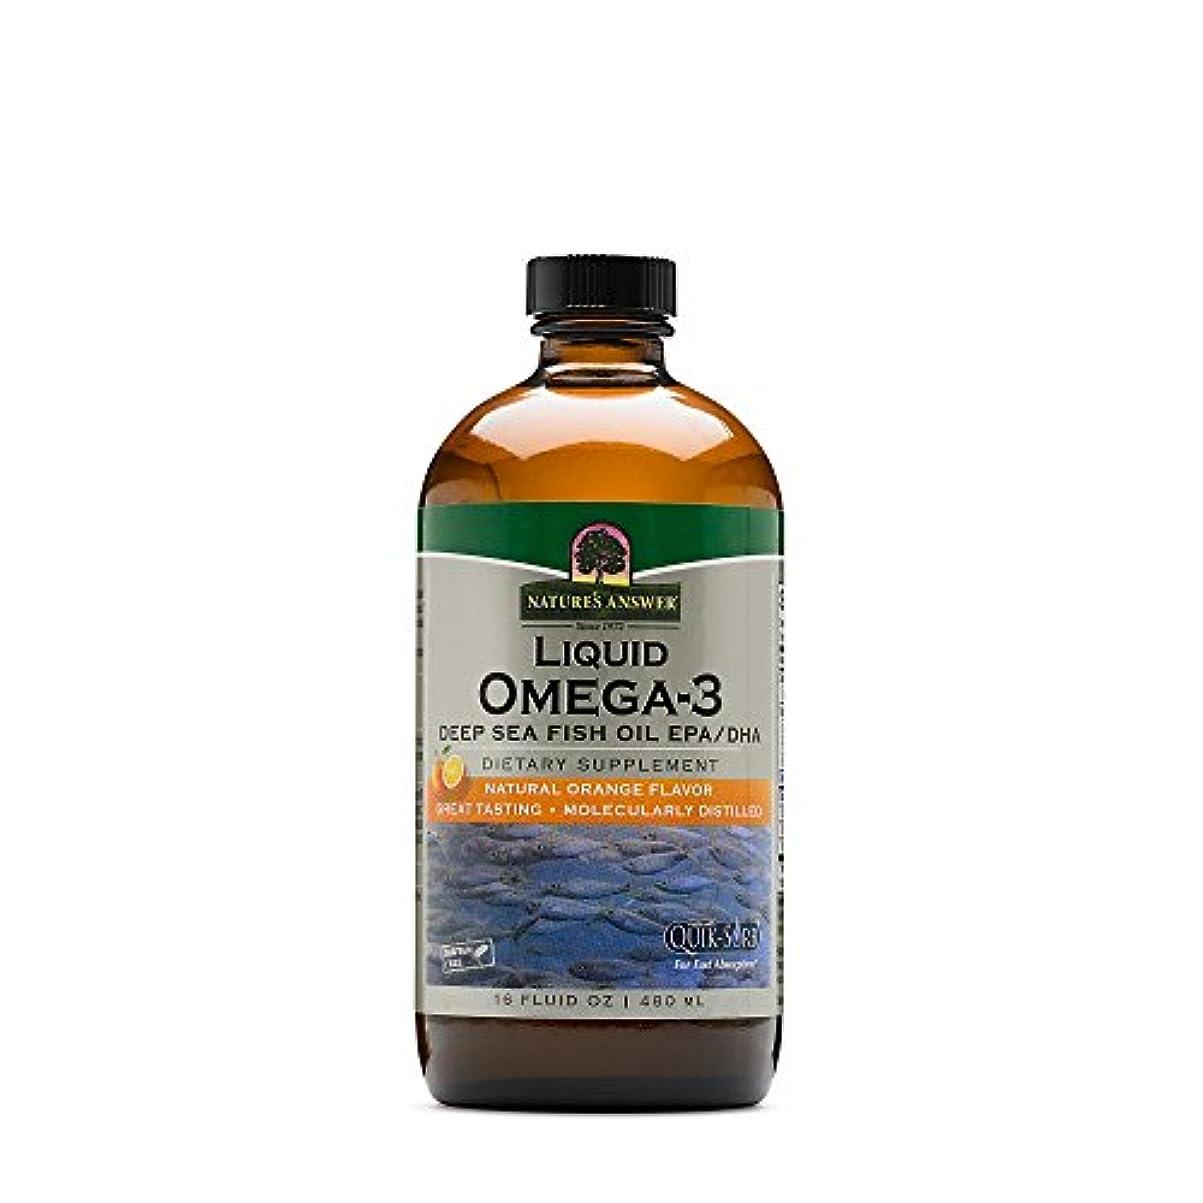 年事典型的な海外直送品Nature's Answer Liquid Omega 3 Deep Sea Fish Oil Epa/dha, 16 Oz